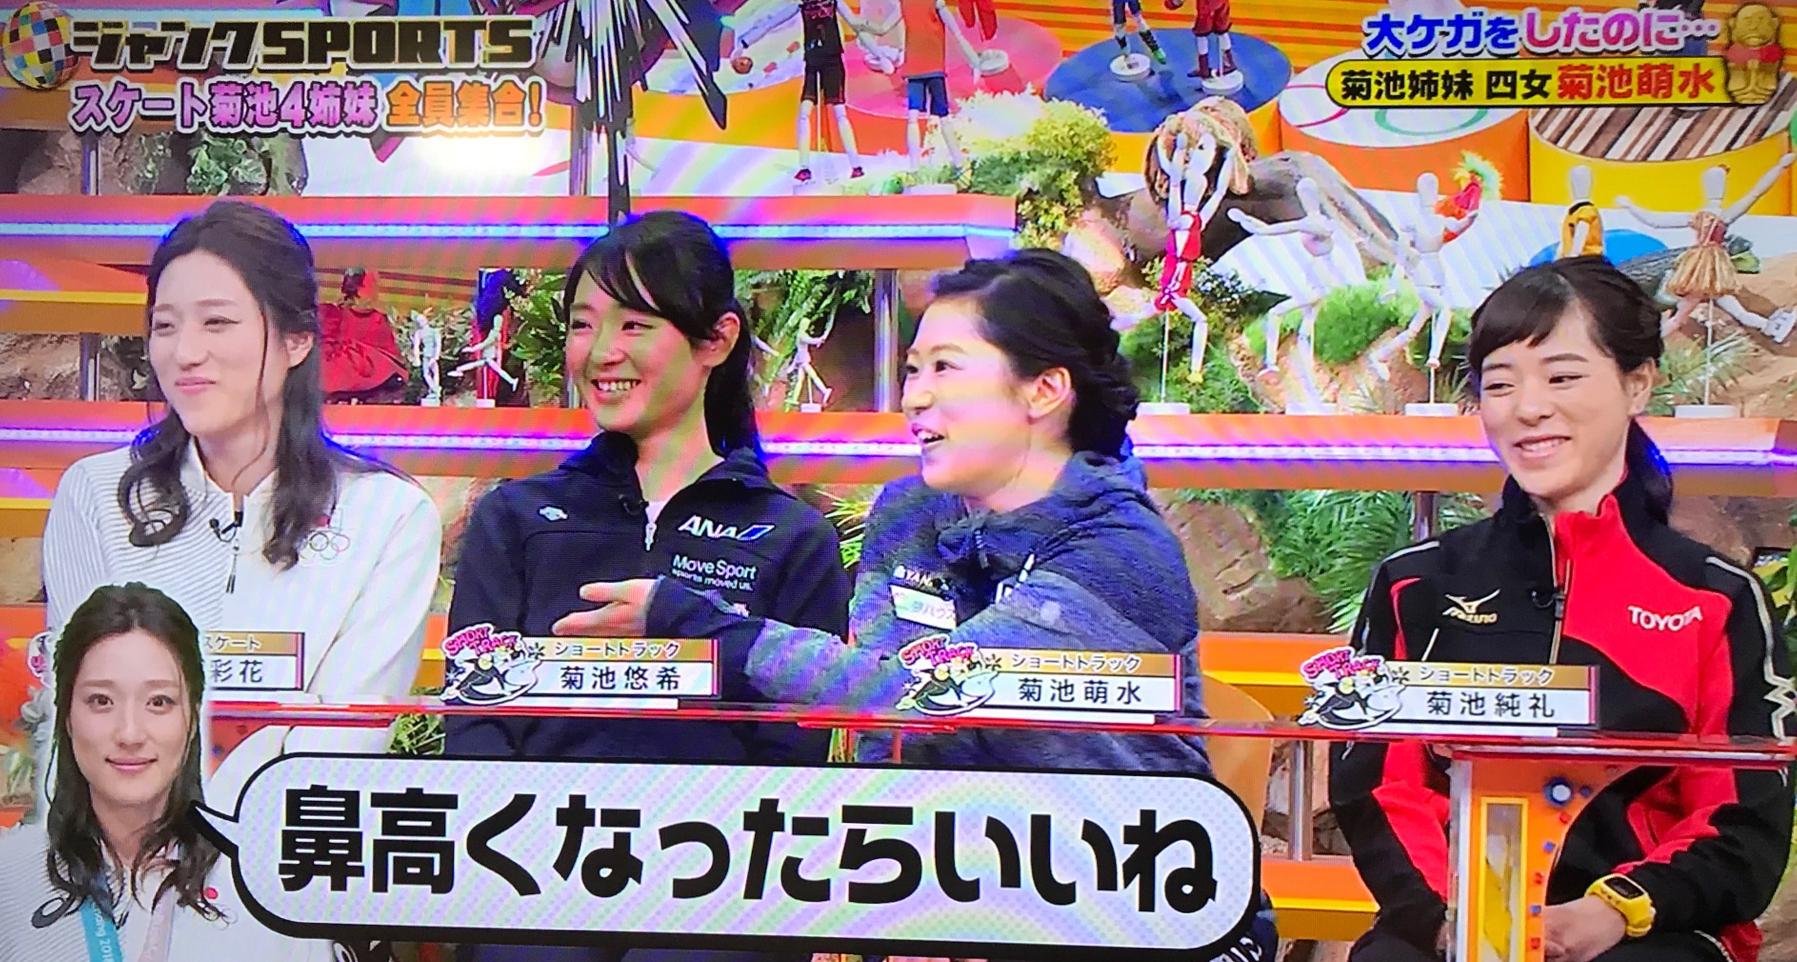 菊池姉妹 ジャンクスポーツ